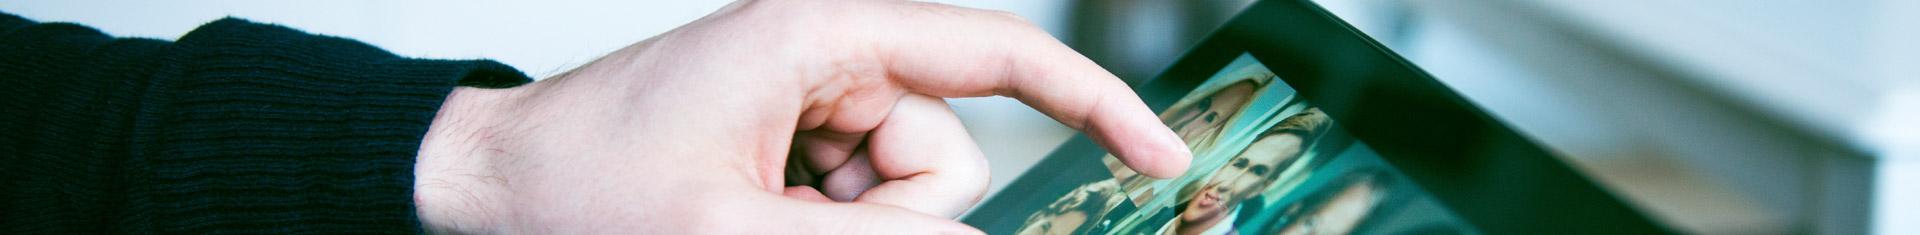 Nahaufnahme eines Tablets und einer Hand